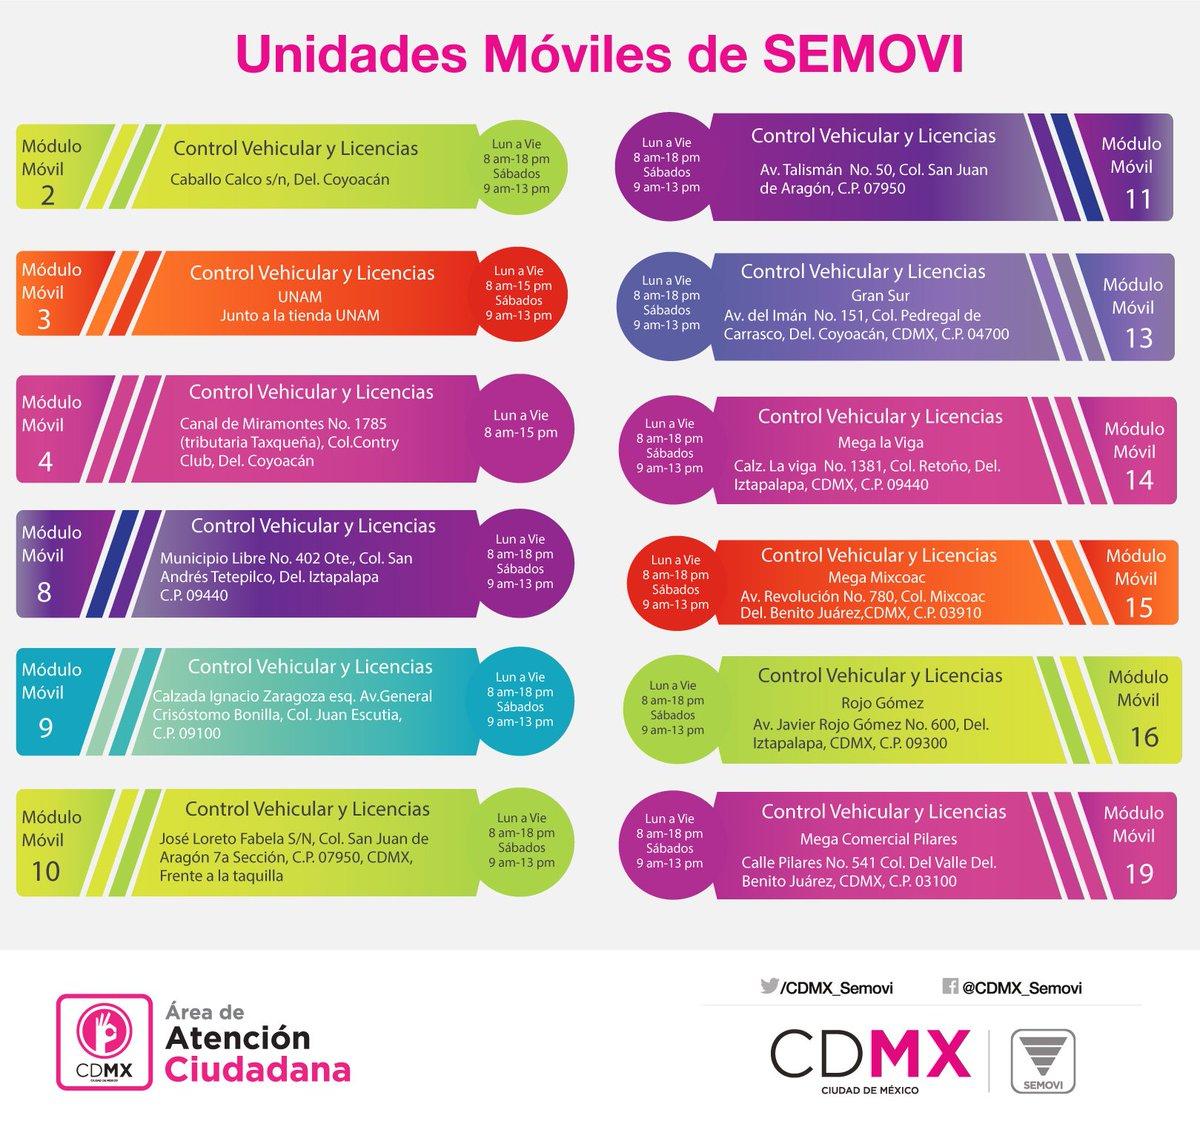 Secretaría De Movilidad Cdmx On Twitter Perdón No Se